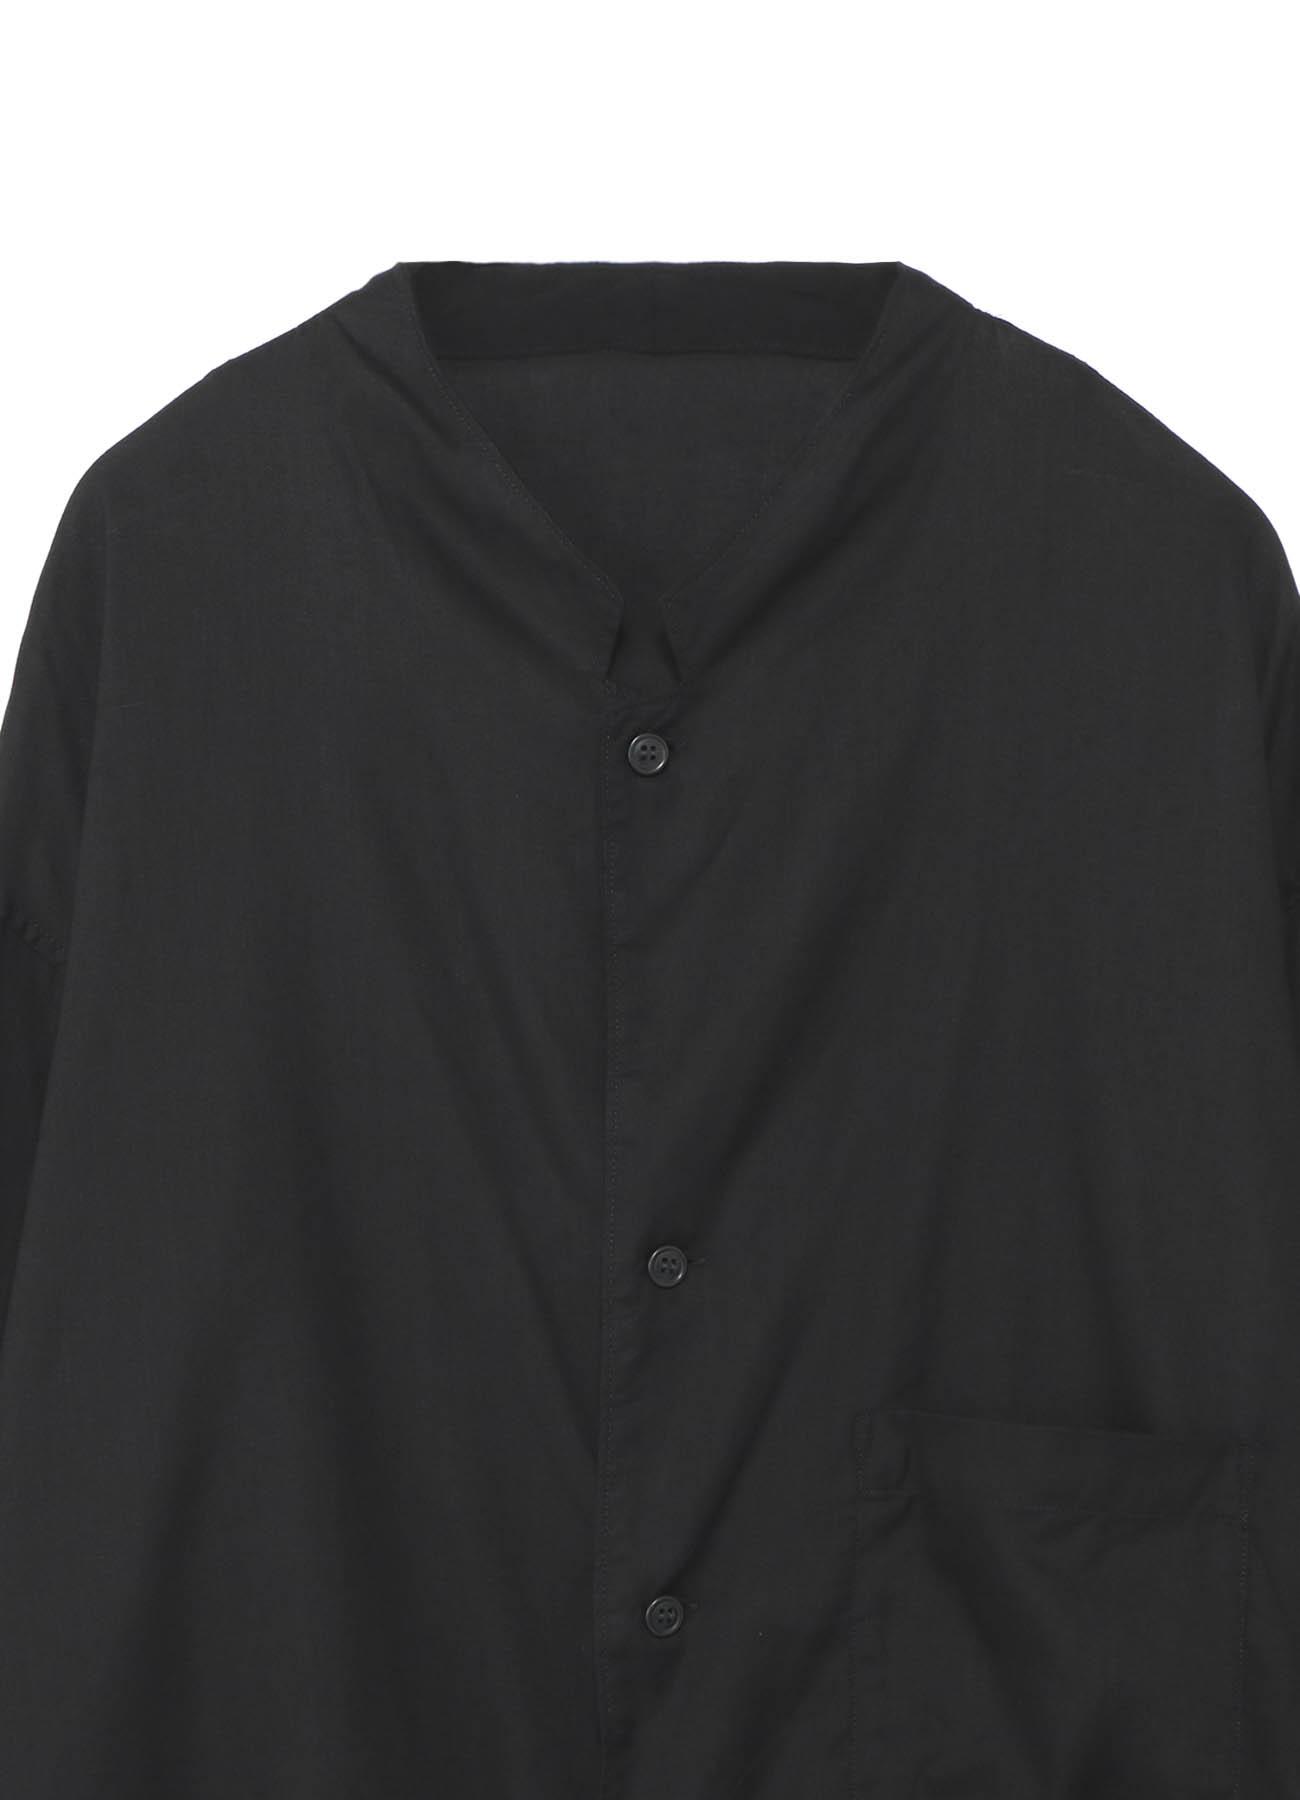 レーヨンローン/テンセルローン 開衿ロングシャツ